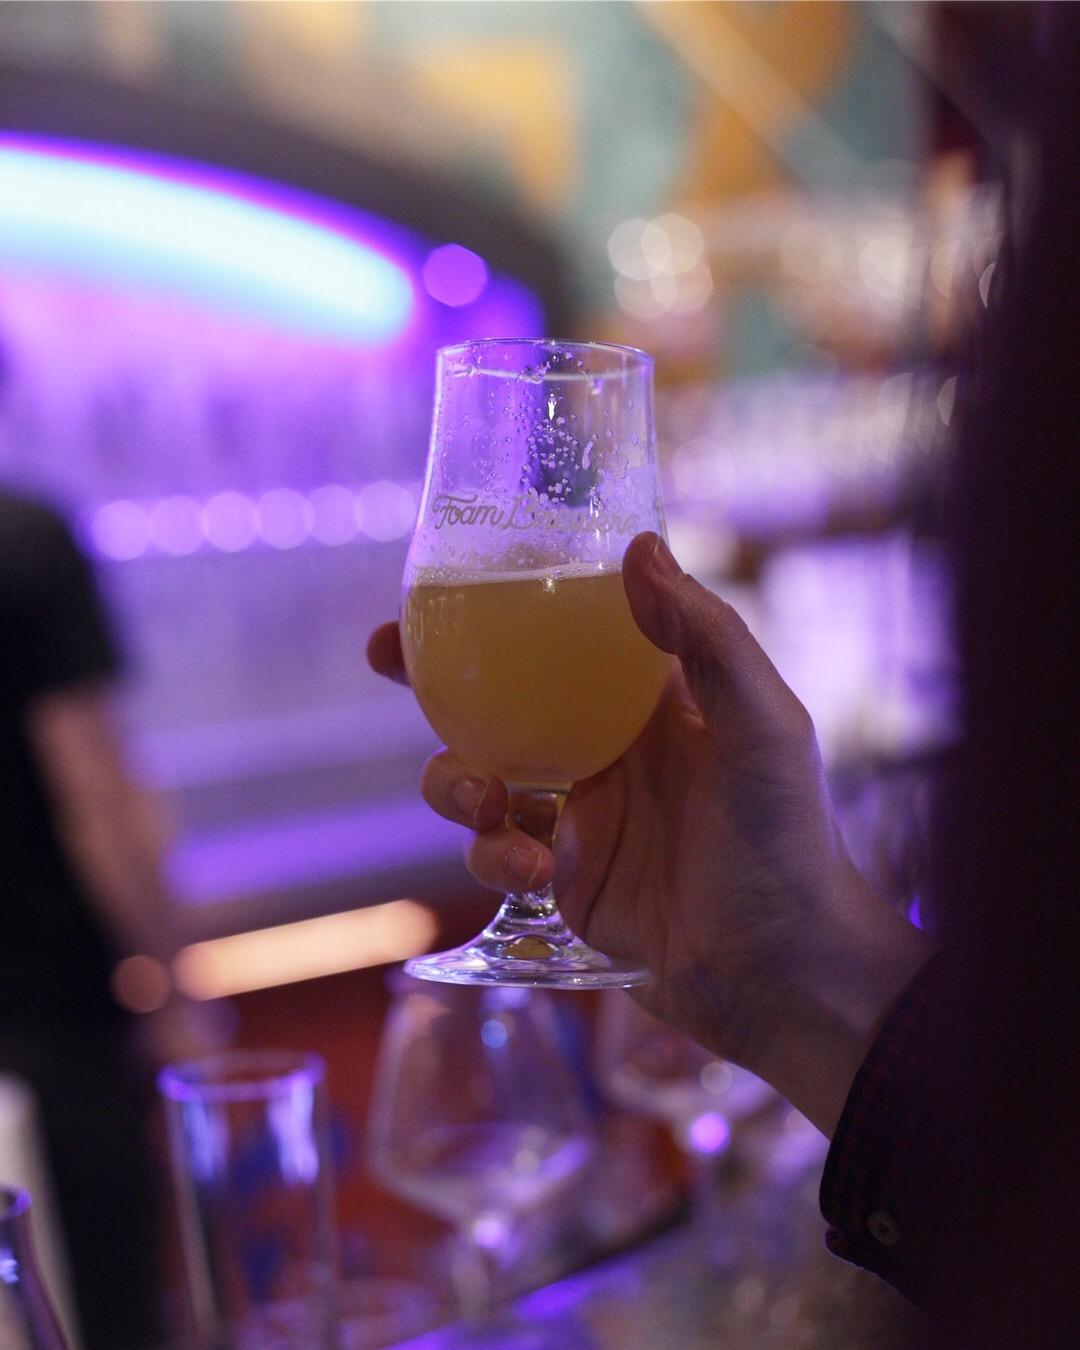 DETOUR: Burlington, VT – Foam Brewers